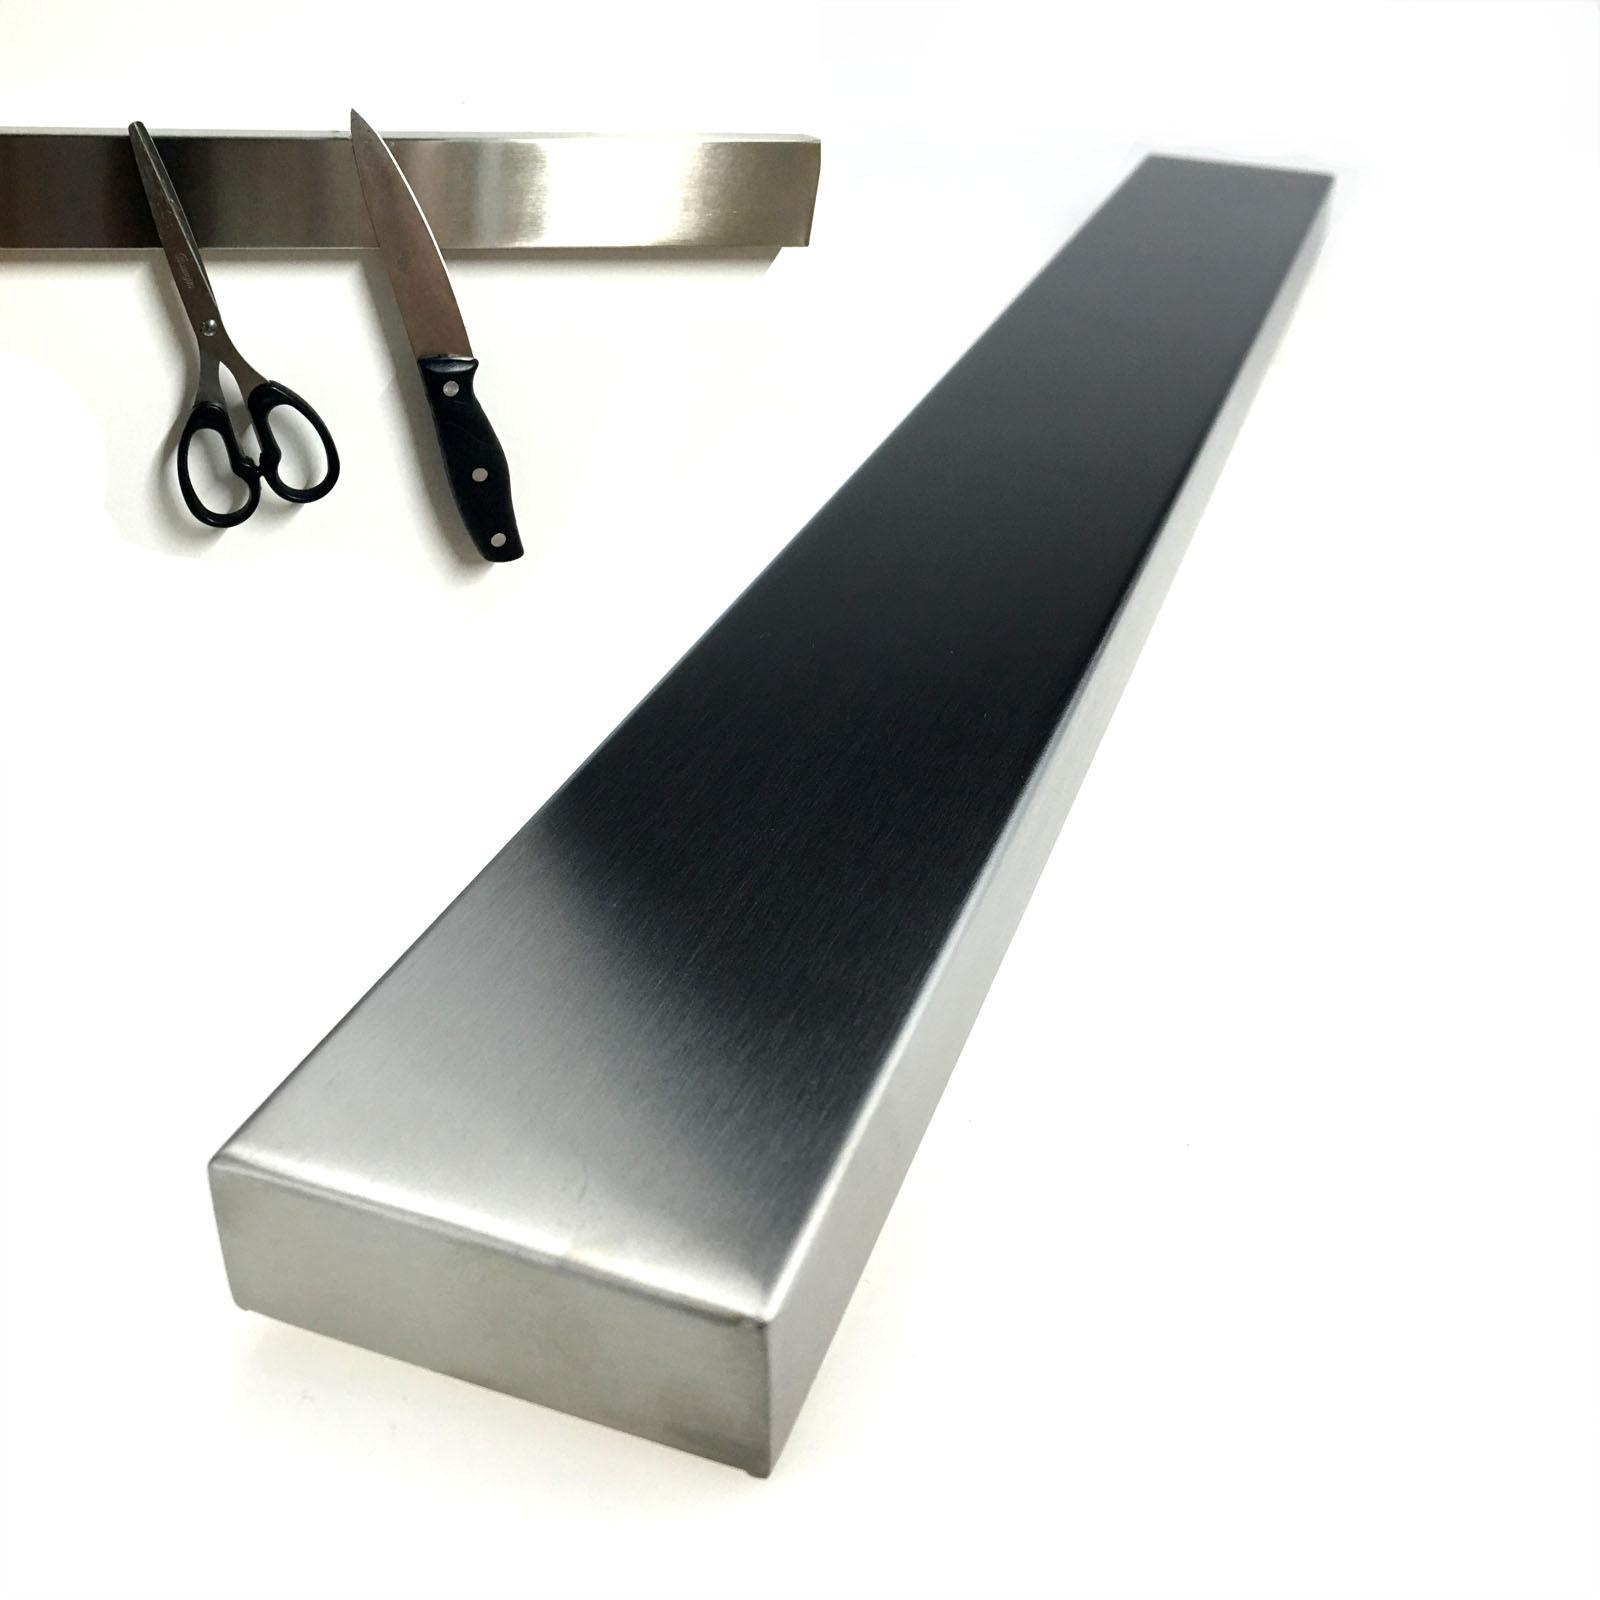 Edelstahl Messerhalter 40cm   Magnetische Küchenmesser Leiste   Magnetleiste